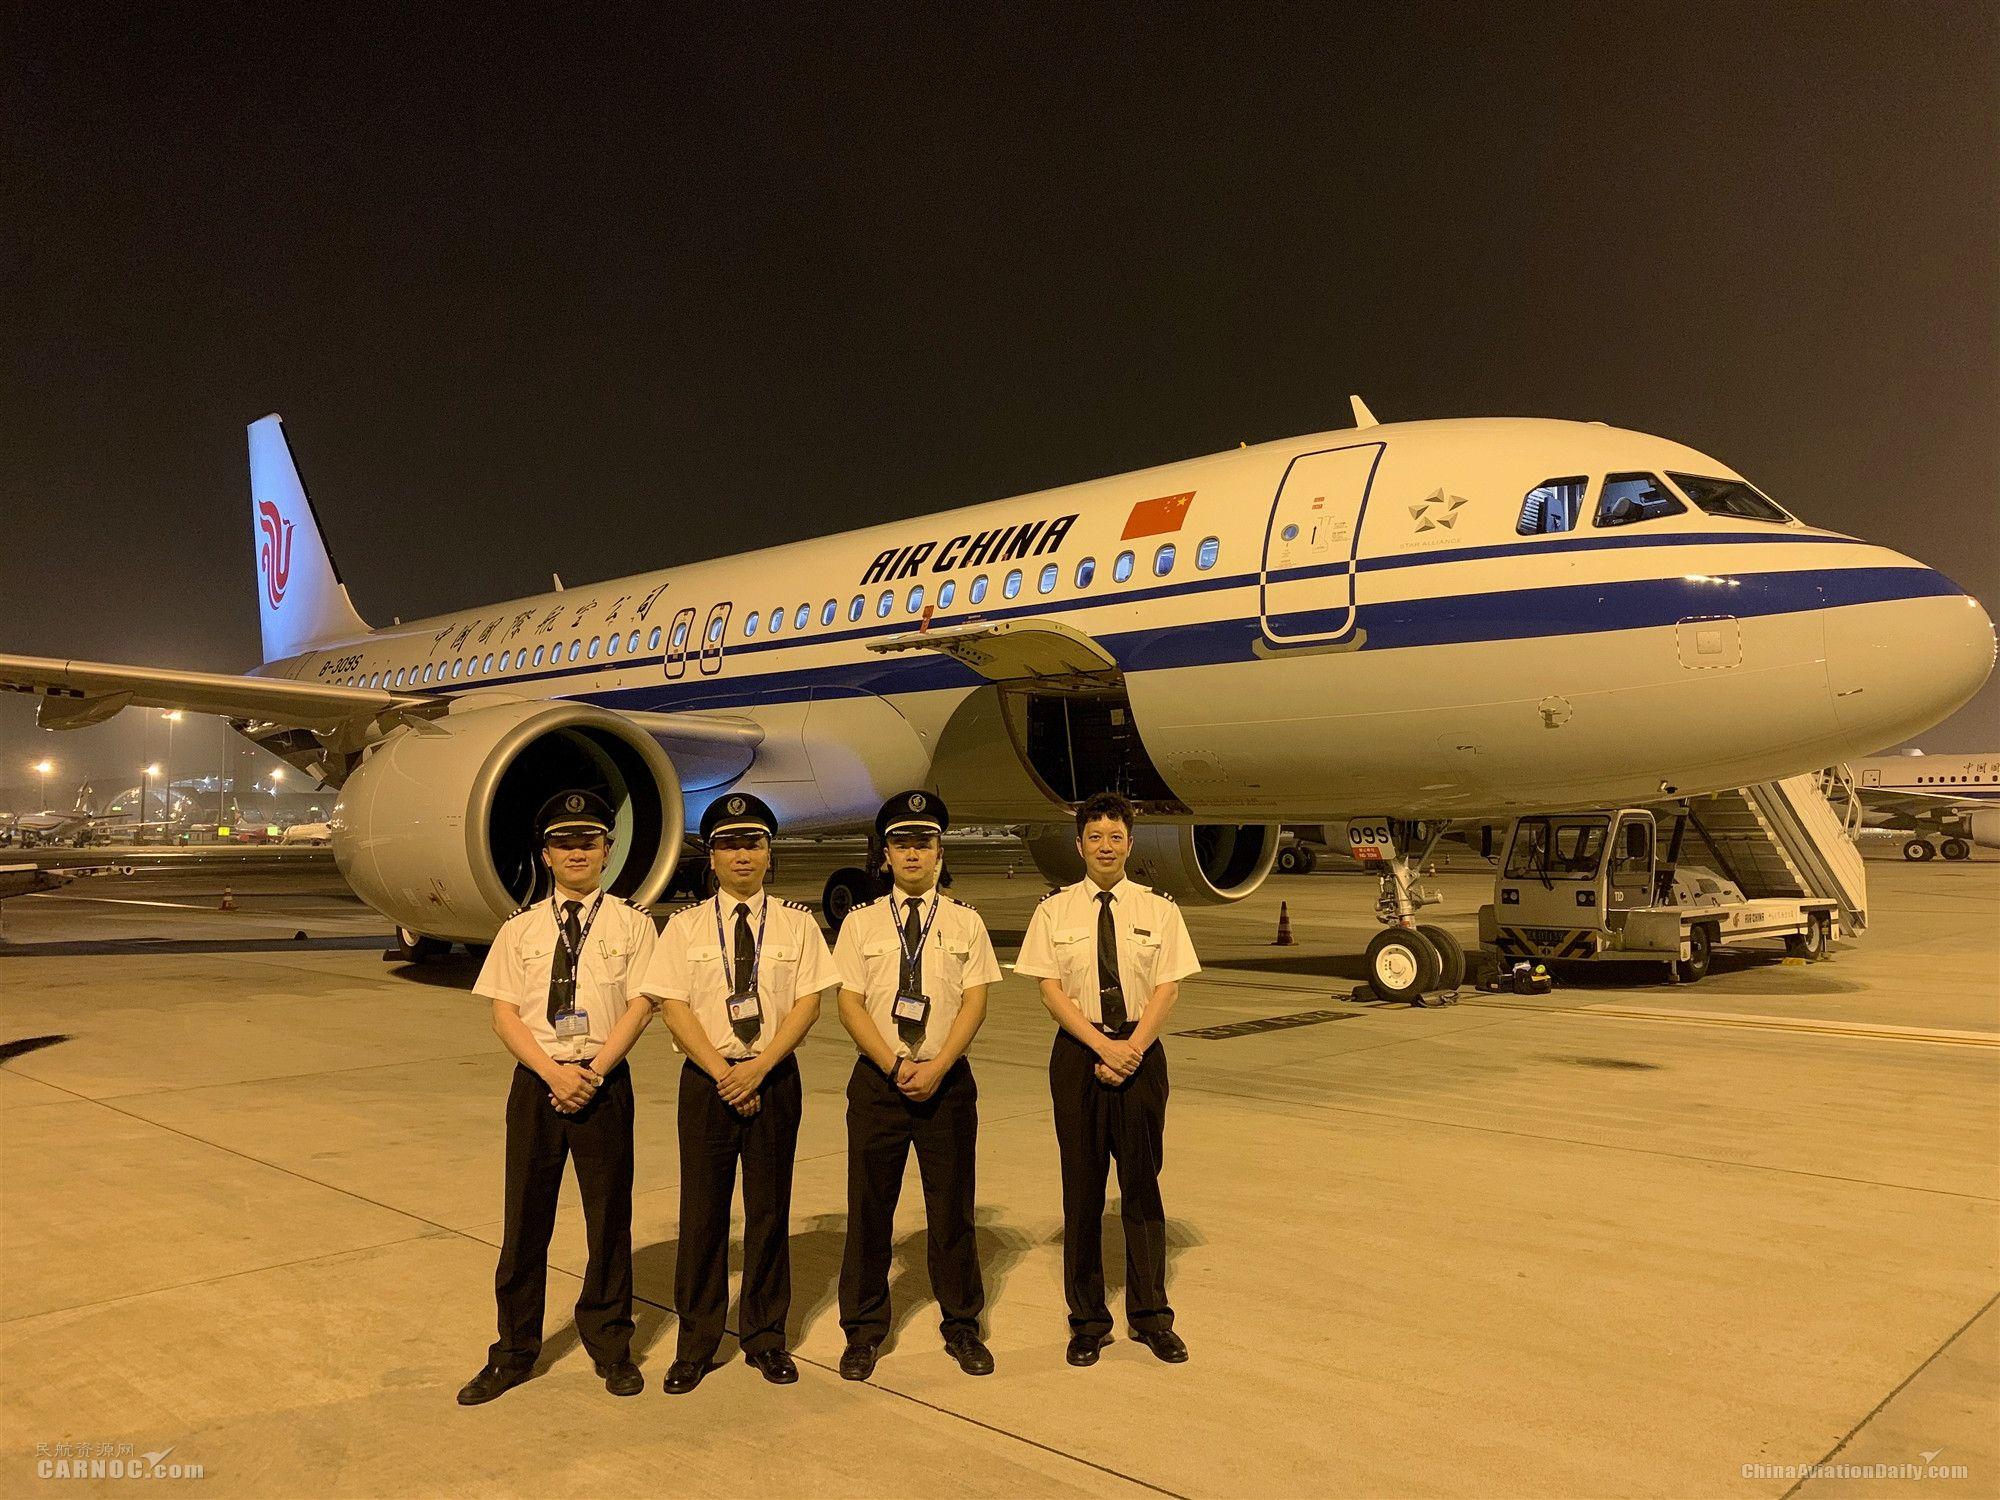 国航西南分公司引进A320NEO新飞机 机队规模达98架